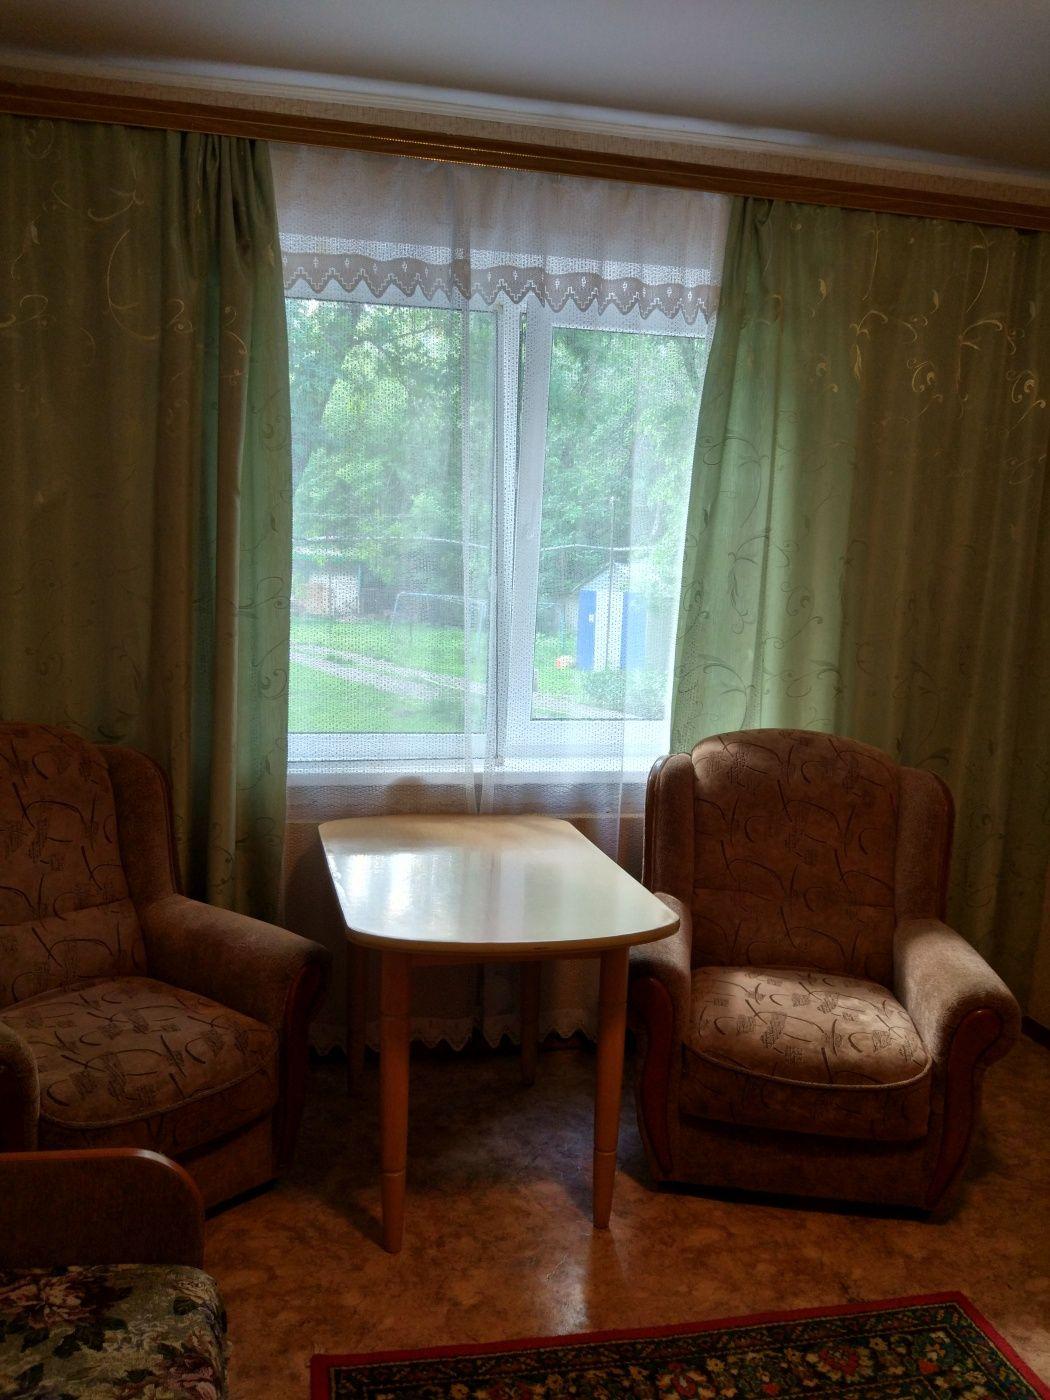 Турбаза «Домостроитель» Саратовская область 2-комнатный номер с удобствами (корпус № 2), фото 2